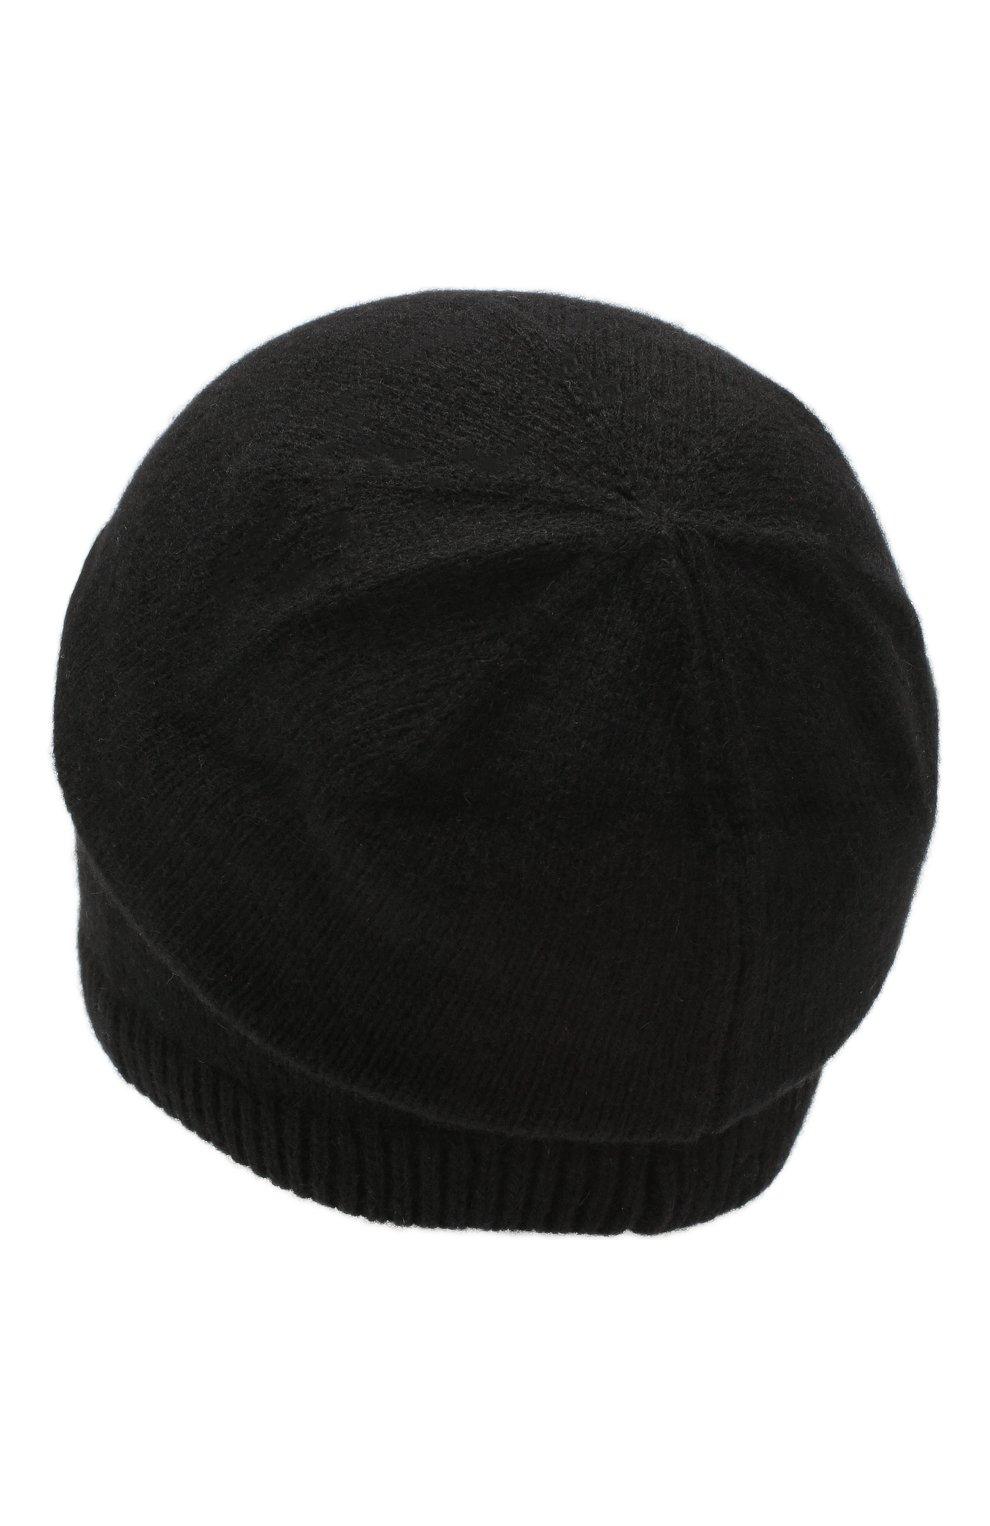 Мужская кашемировая шапка next CANOE черного цвета, арт. 3441951 | Фото 2